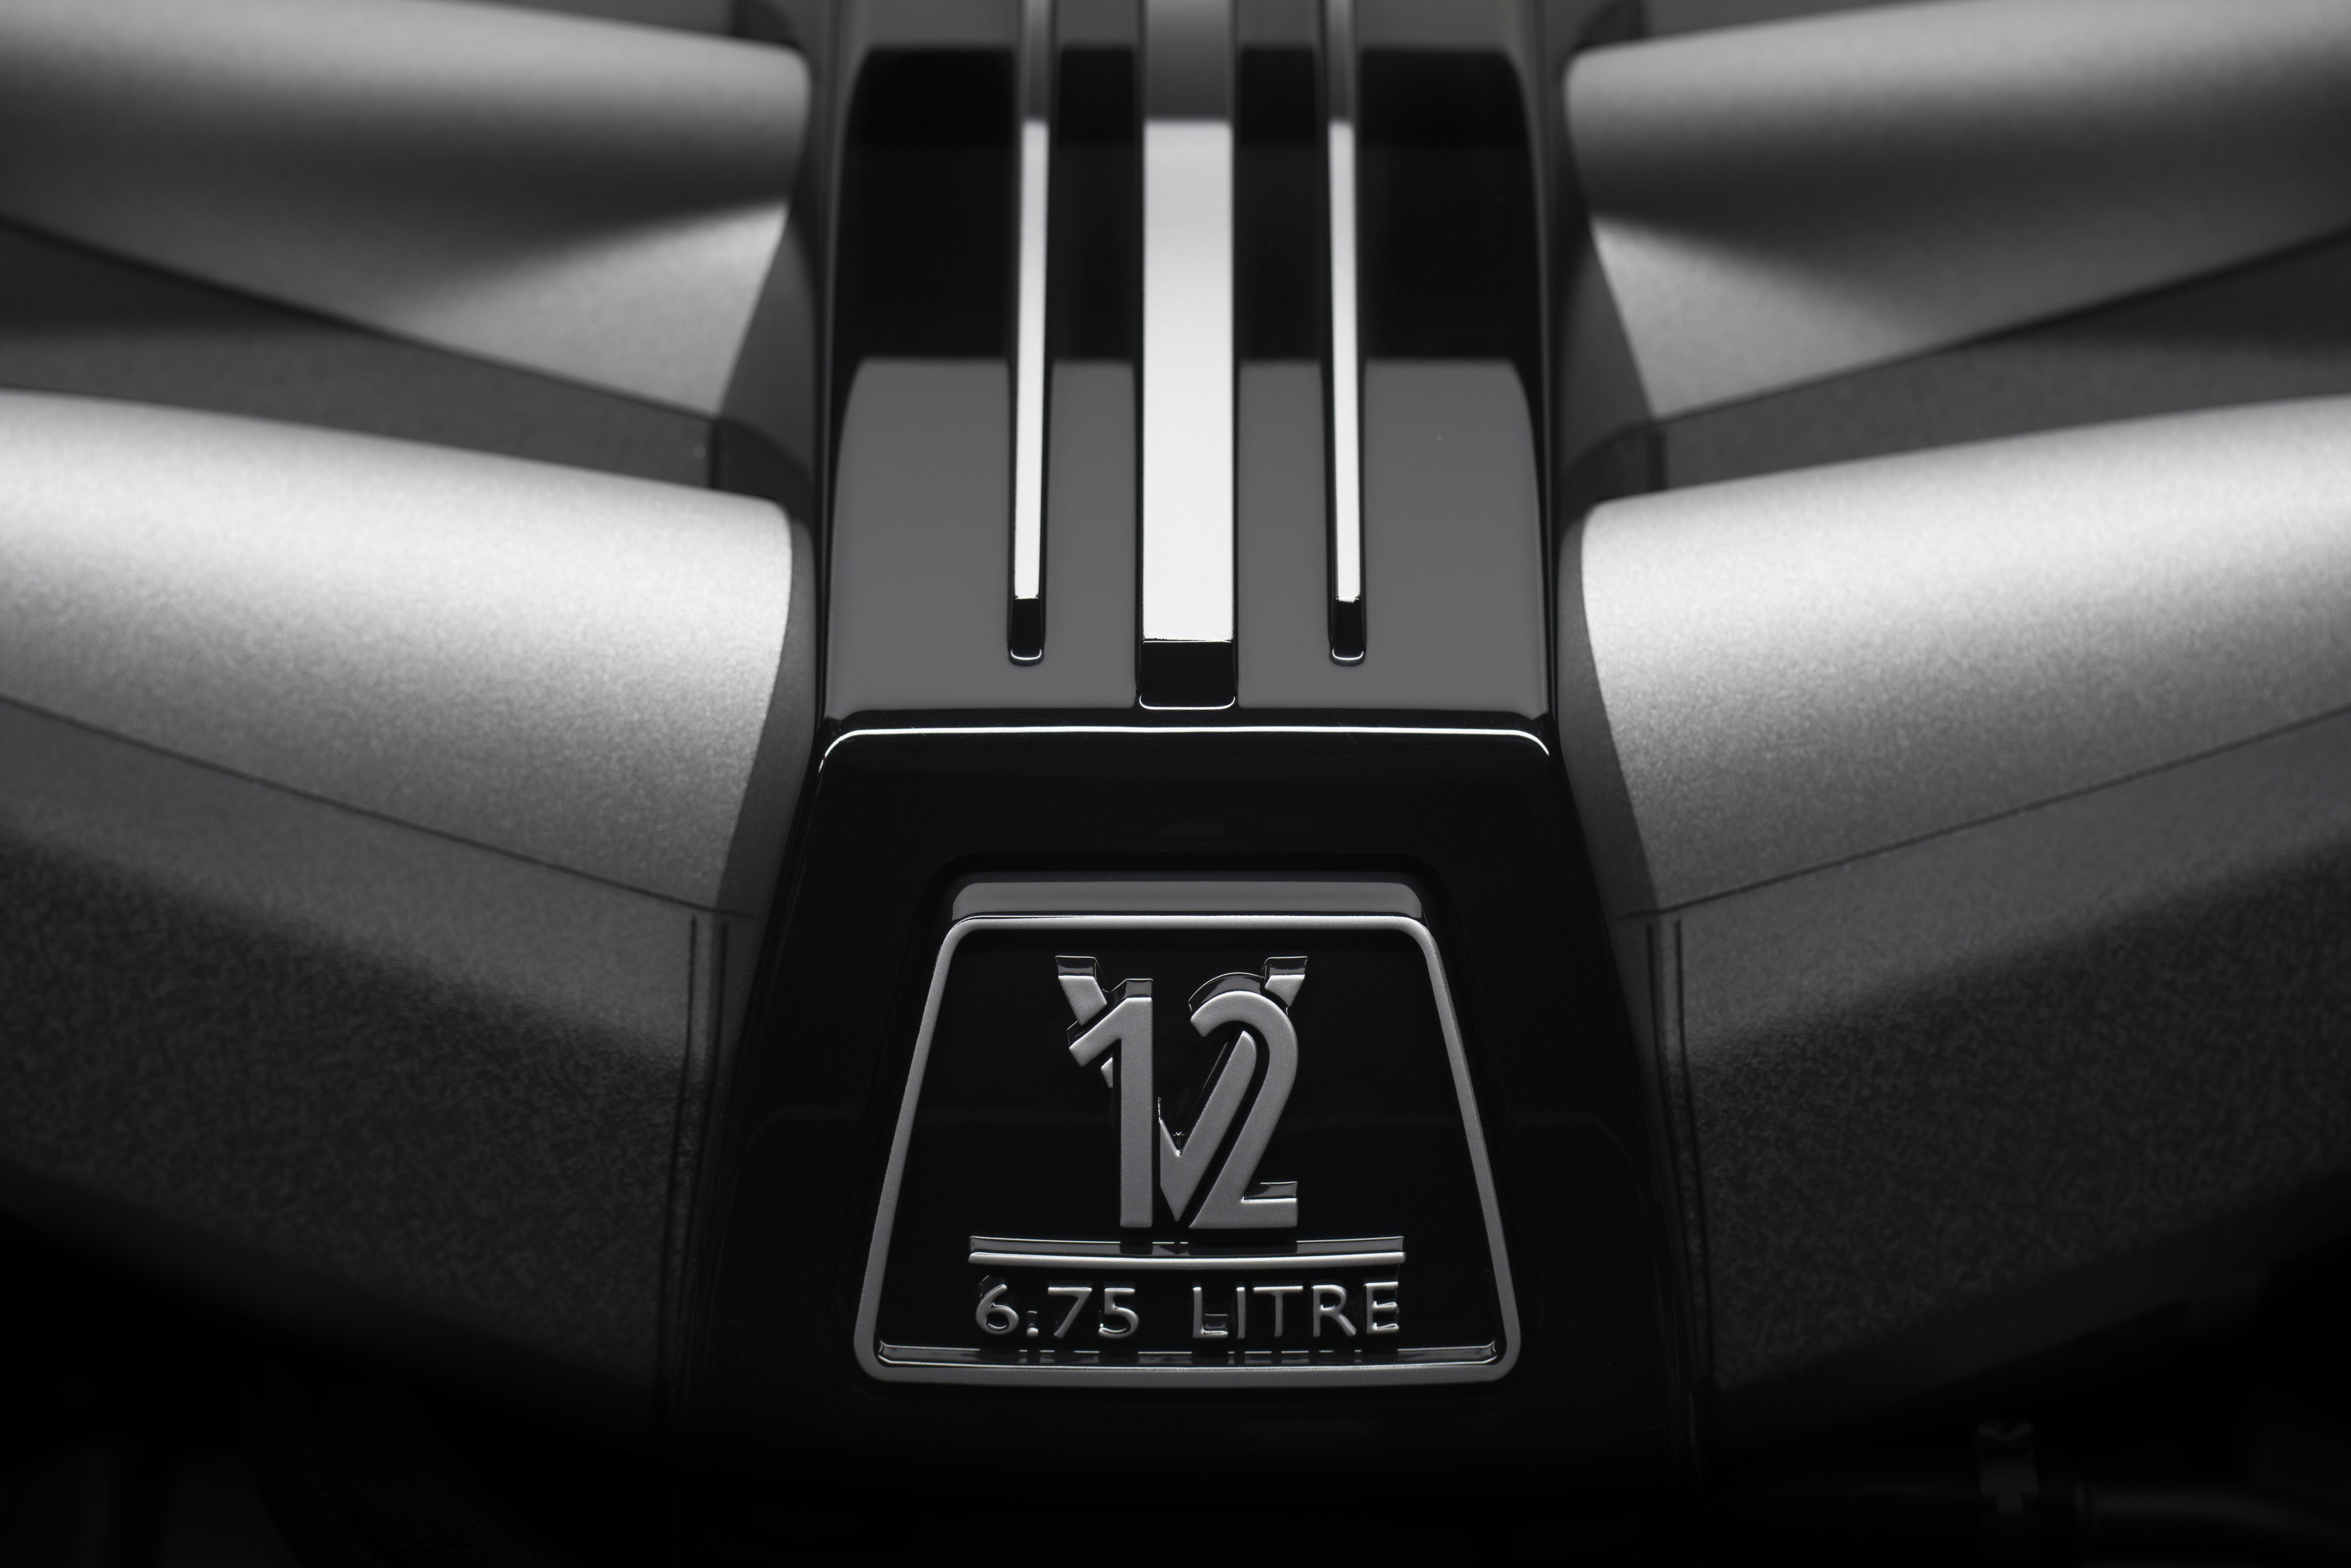 【新闻图片】劳斯莱斯库里南V12发动机